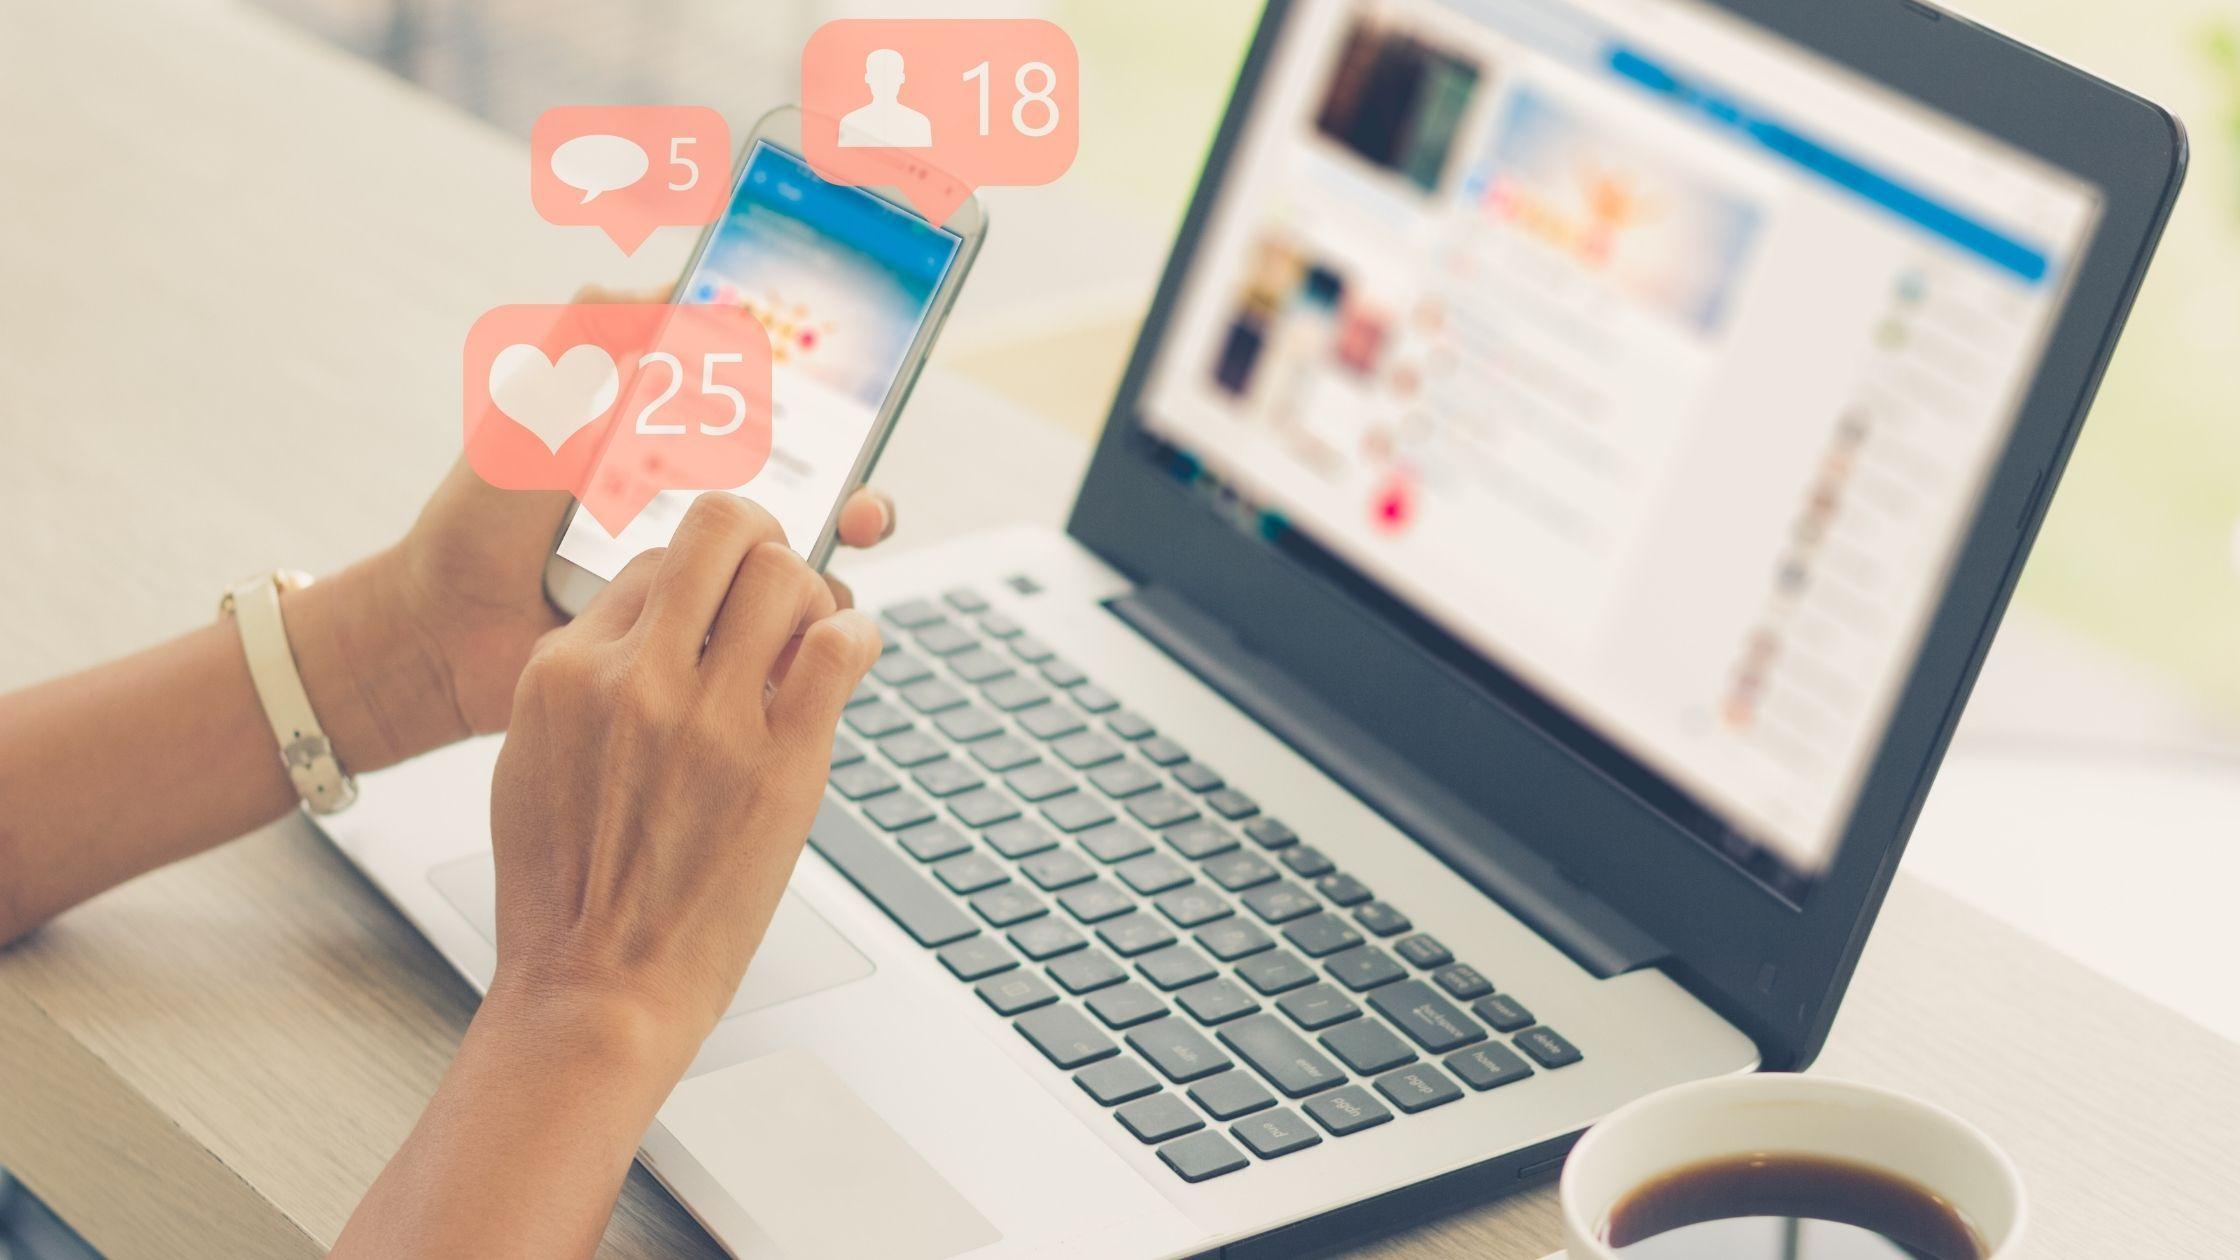 9 mejores plugins de publicación automática en redes sociales para WordPress 2021 - 2ª Parte